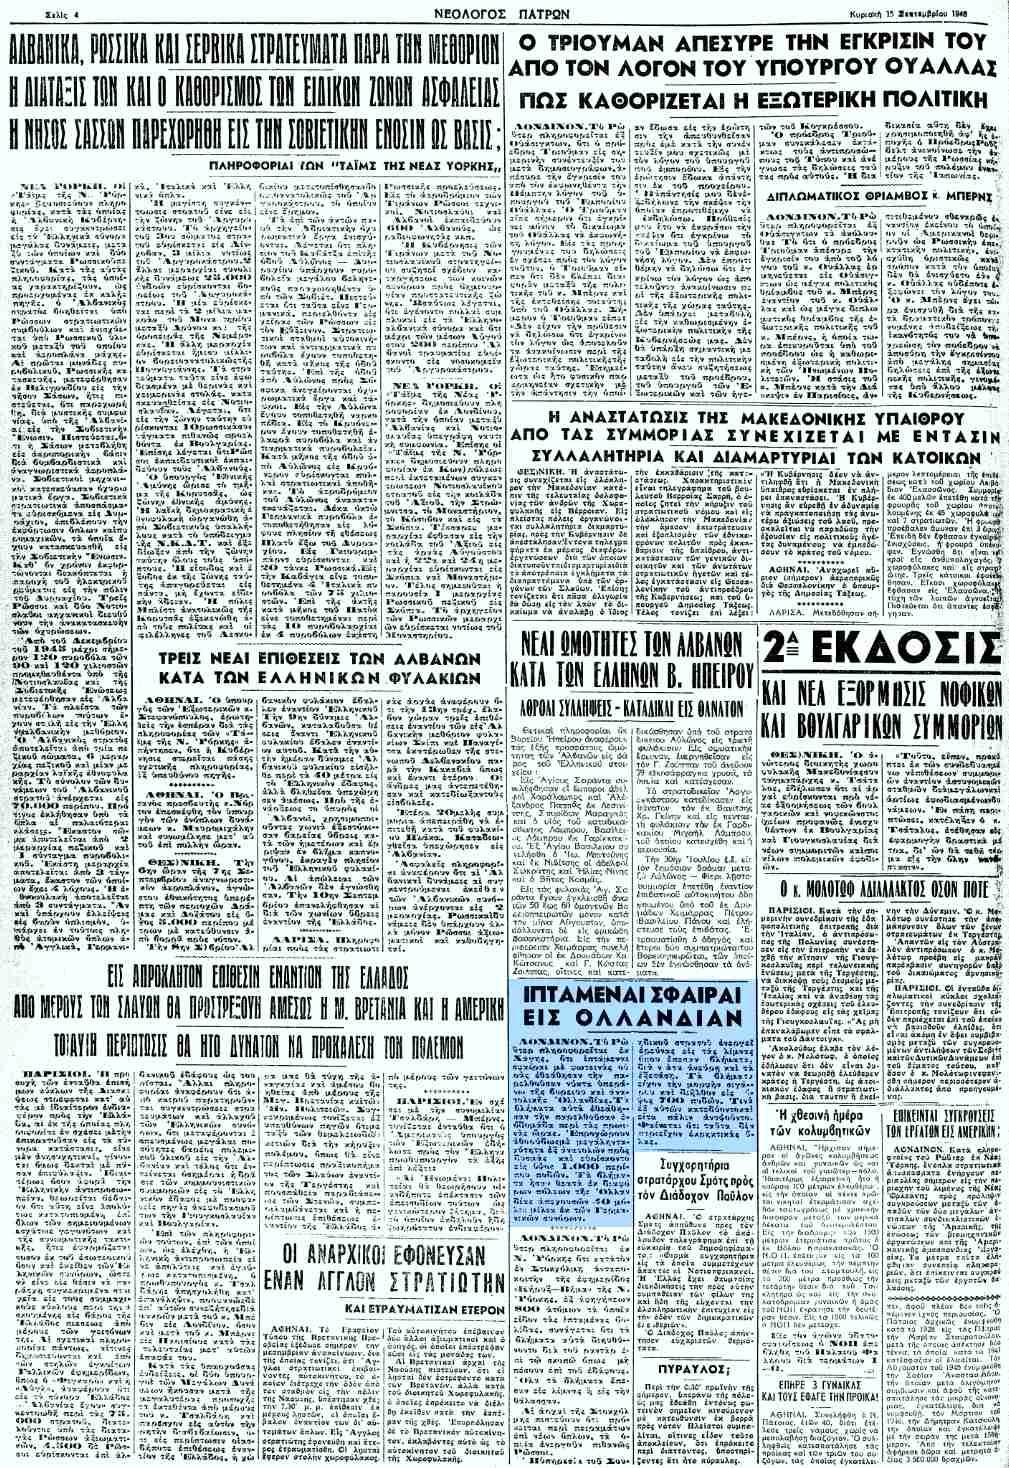 """Το άρθρο, όπως δημοσιεύθηκε στην εφημερίδα """"ΝΕΟΛΟΓΟΣ ΠΑΤΡΩΝ"""", στις 15/09/1946"""